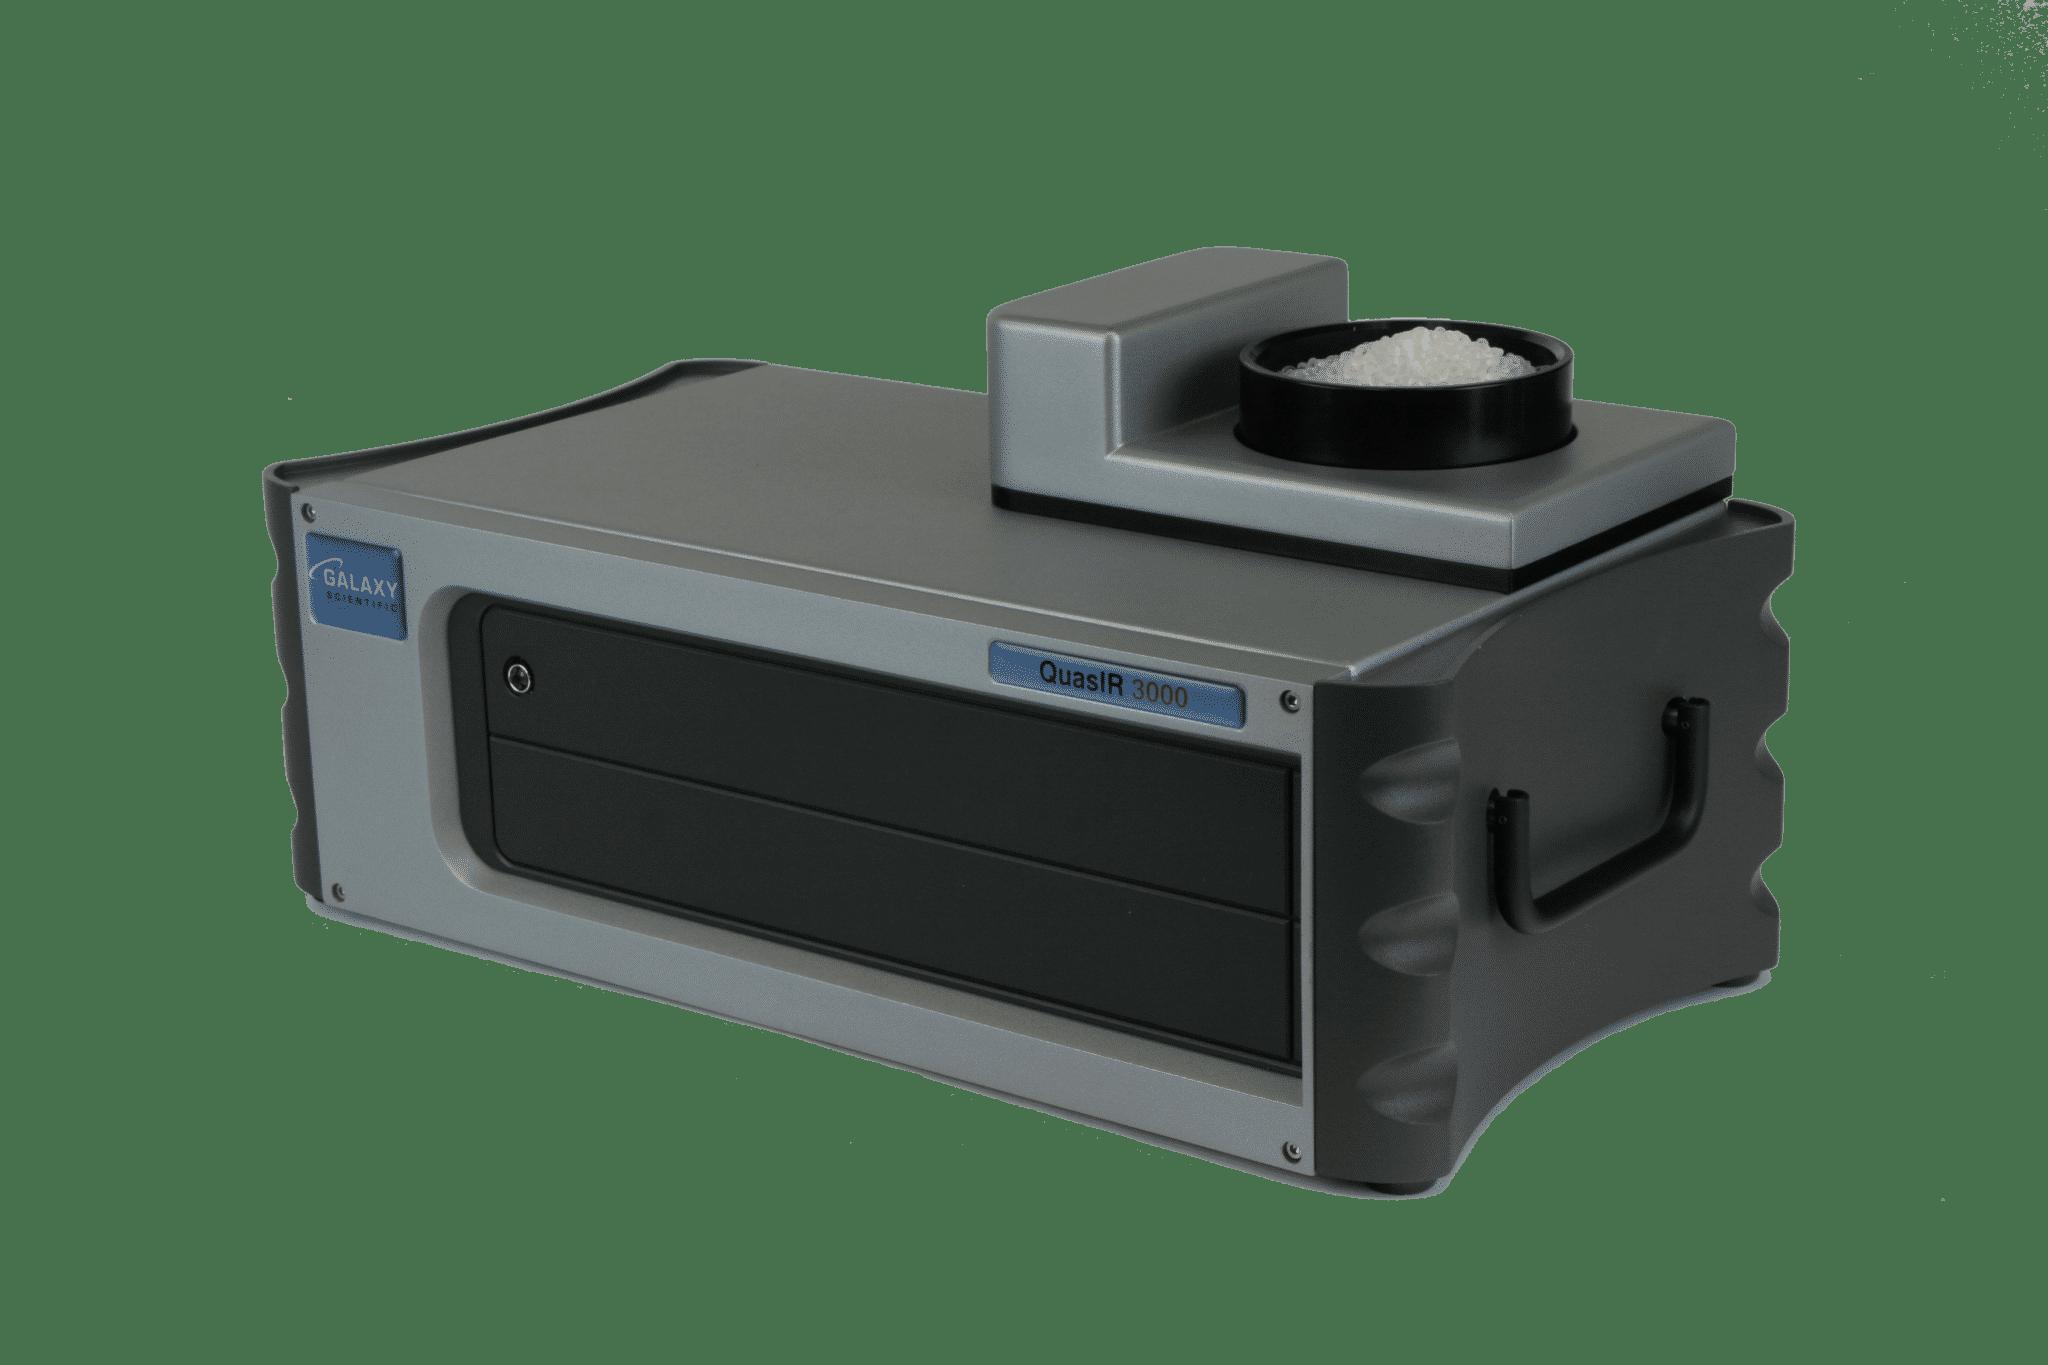 QuasIR 3000 NIR Spectrometer